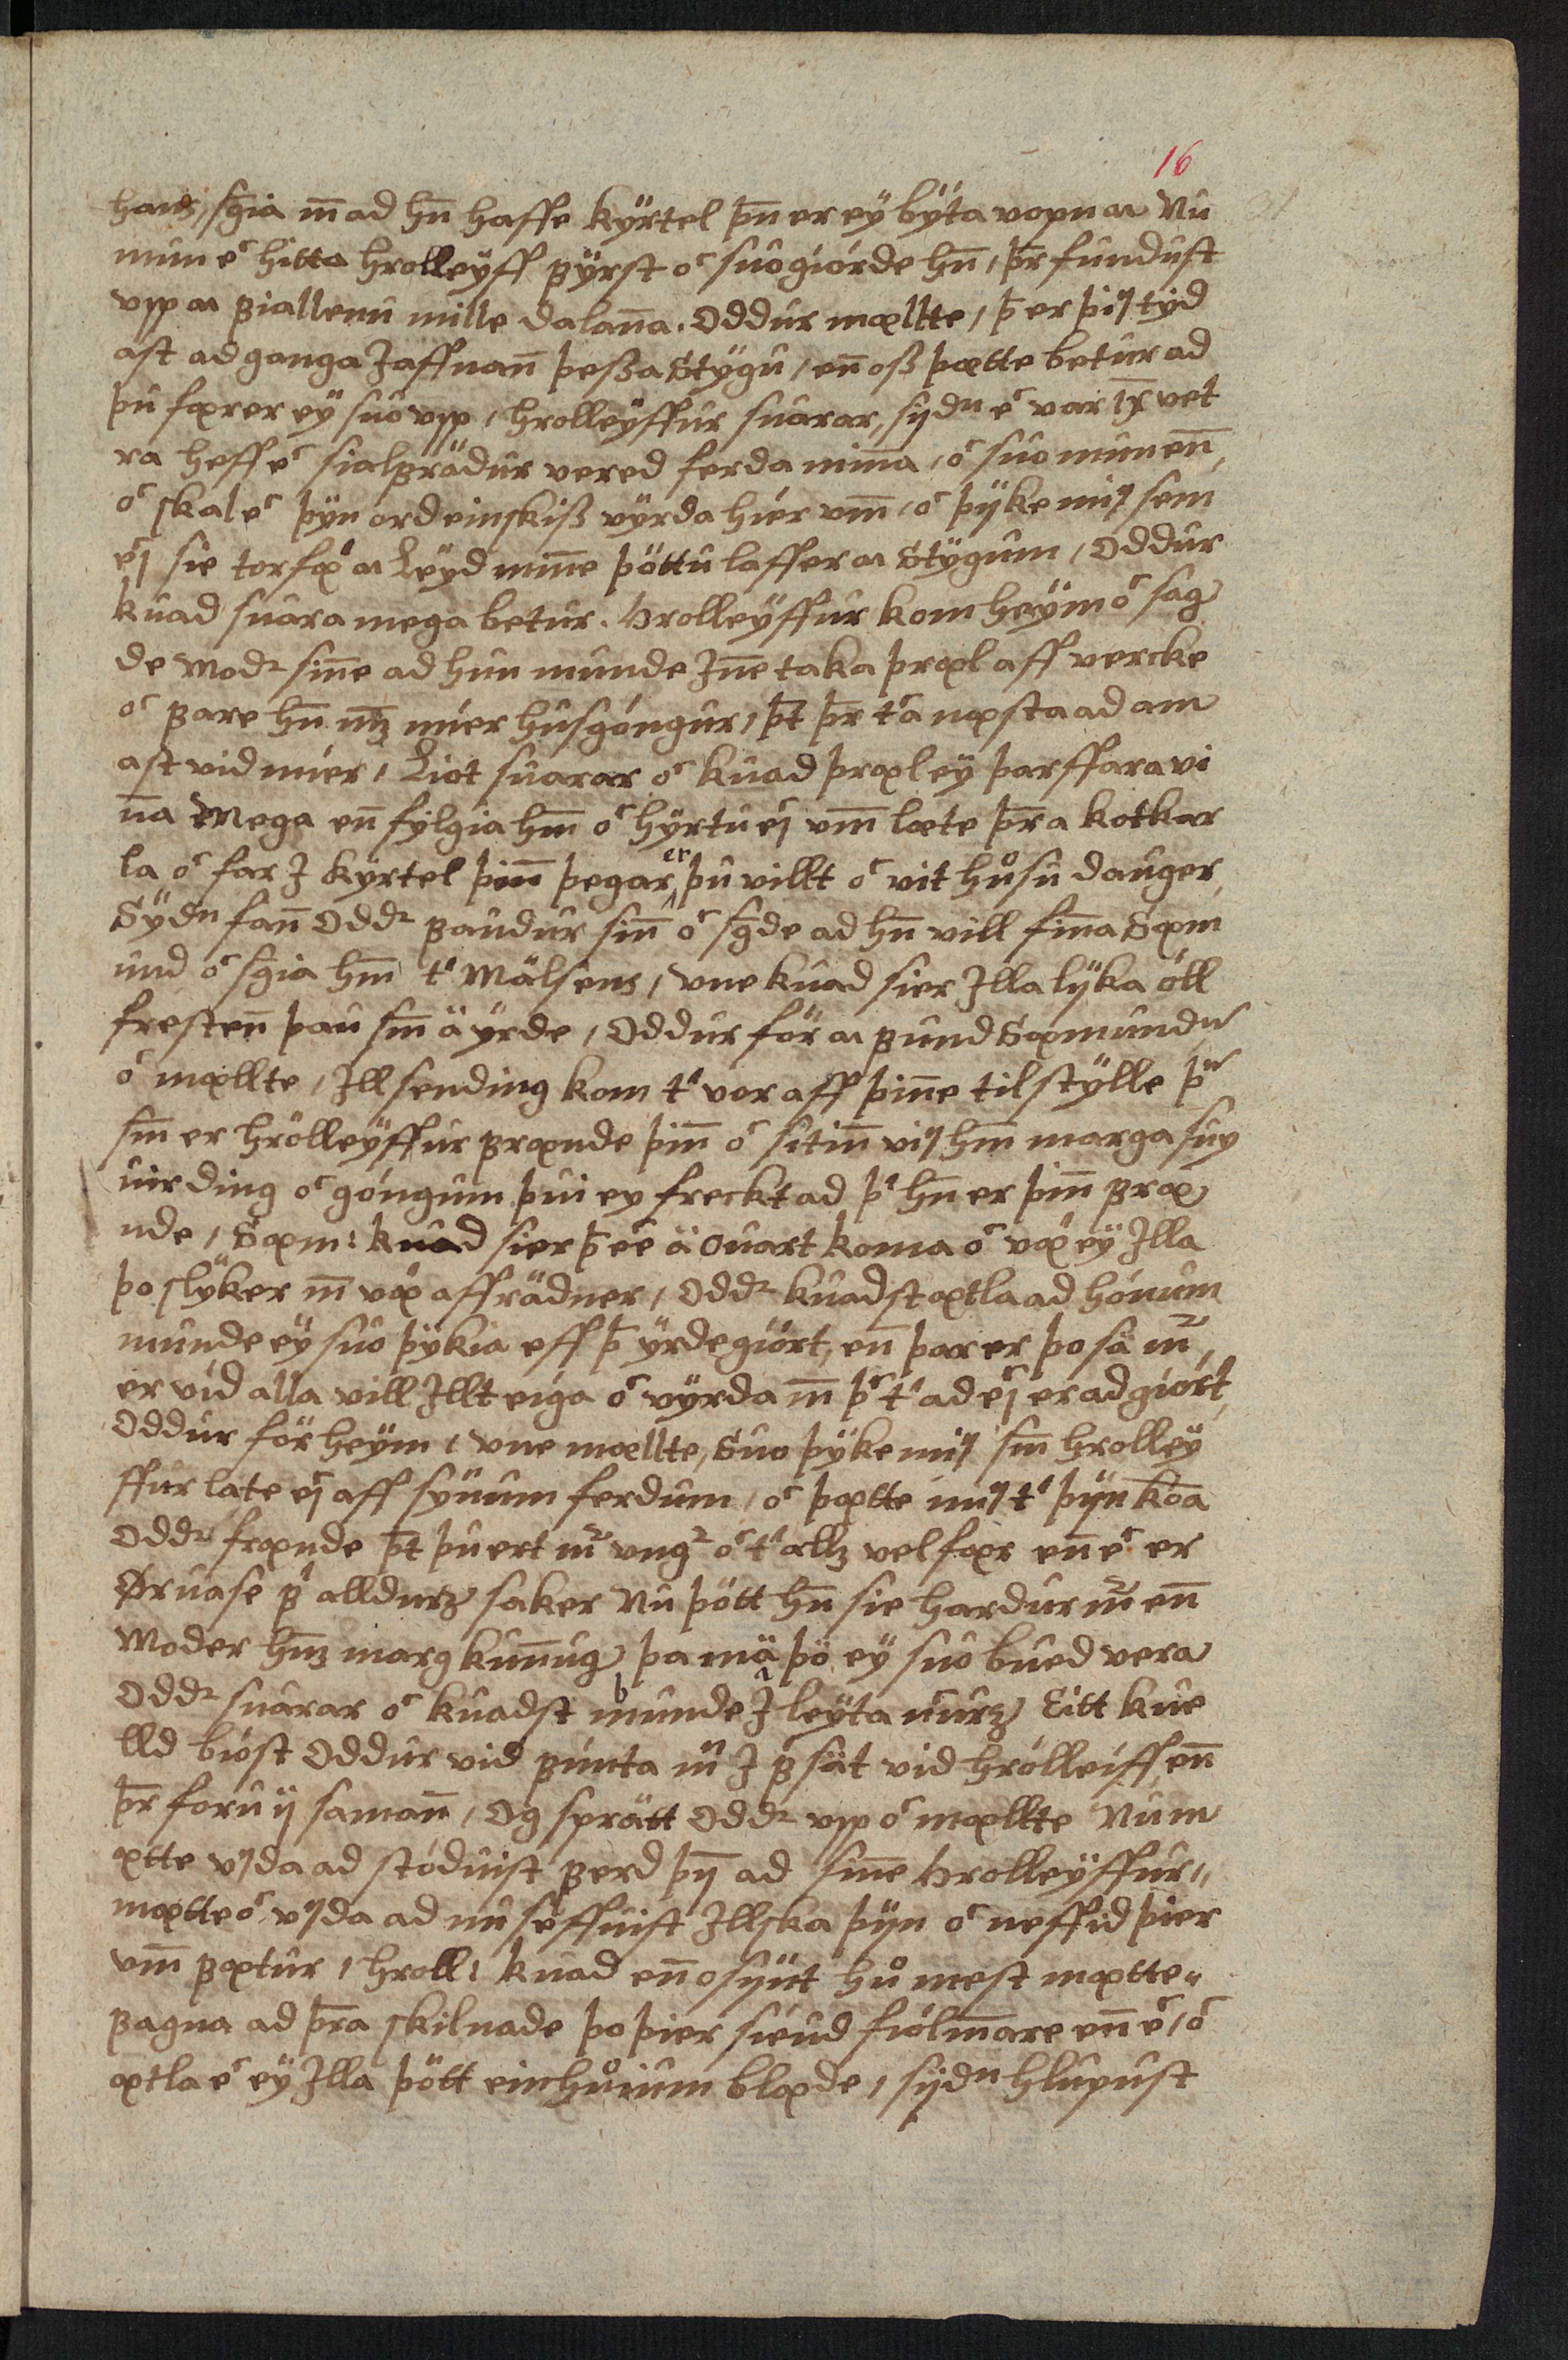 AM 138 fol - 16r